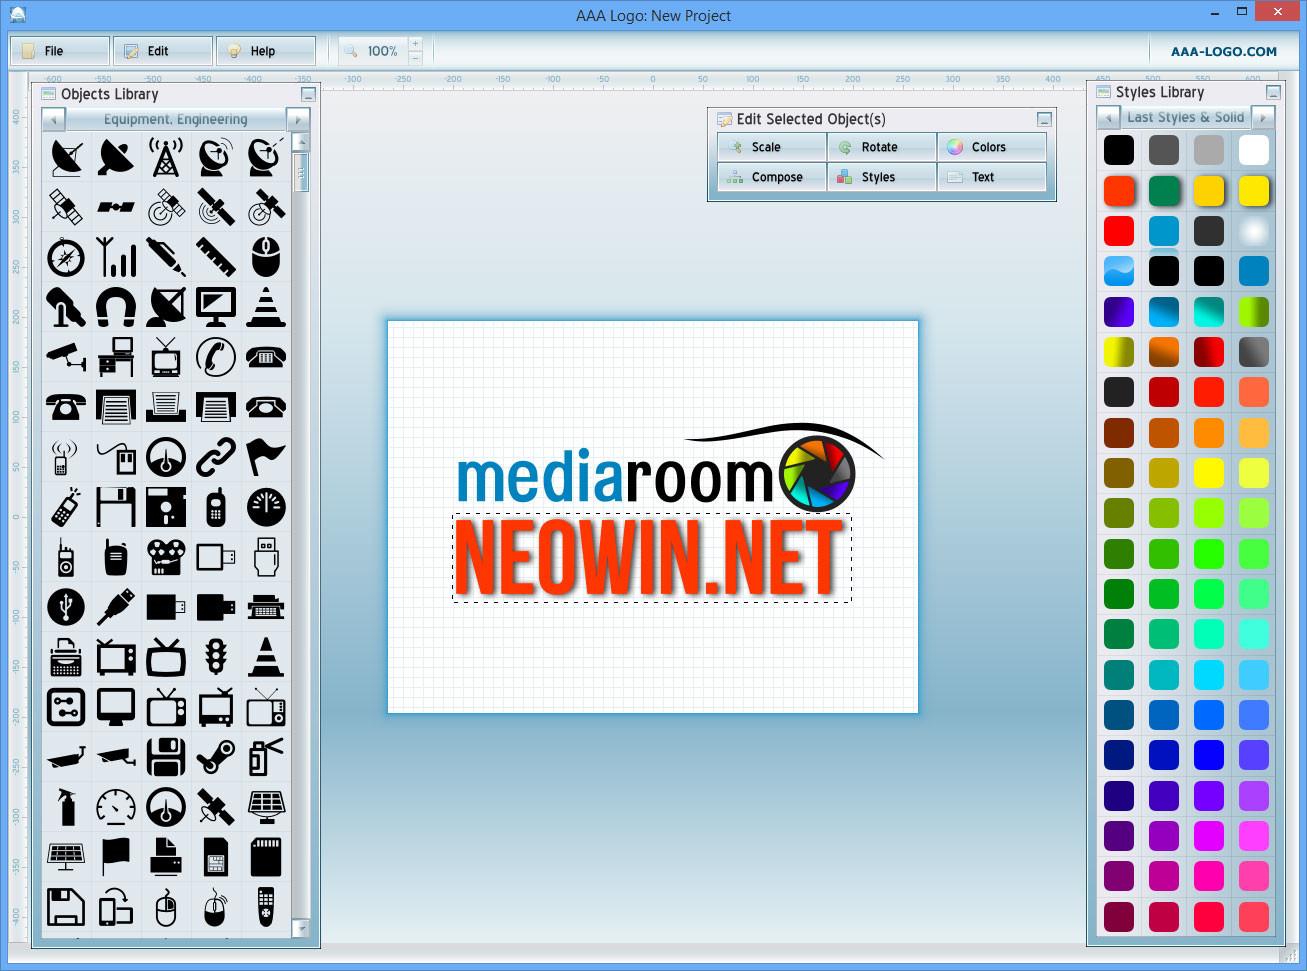 ادوات برنامج تصميم الشعارات الجديد